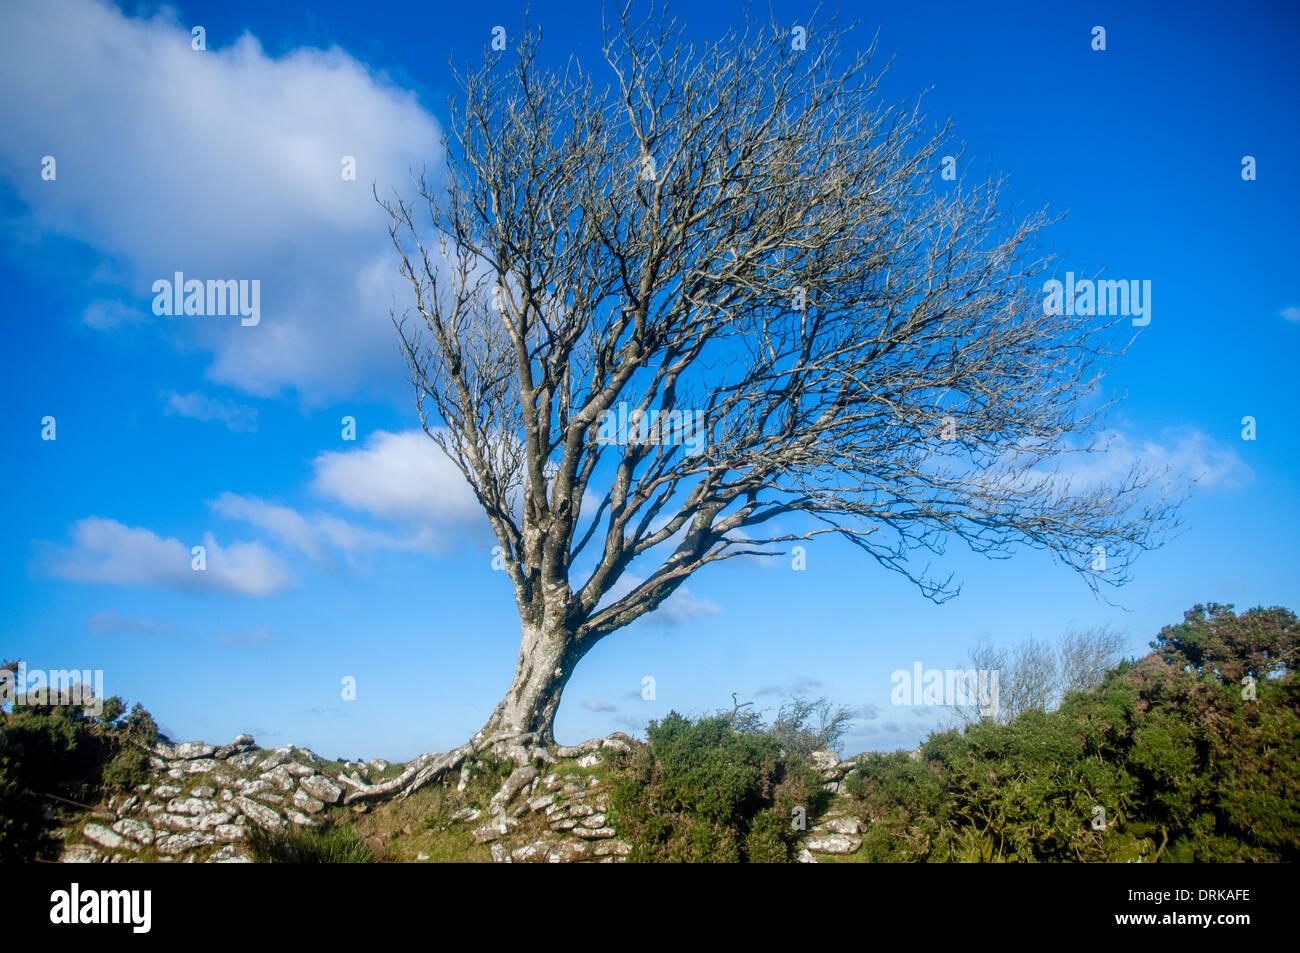 betula pendula, silver birch tree growing on stone wall, devon, uk - Stock Image